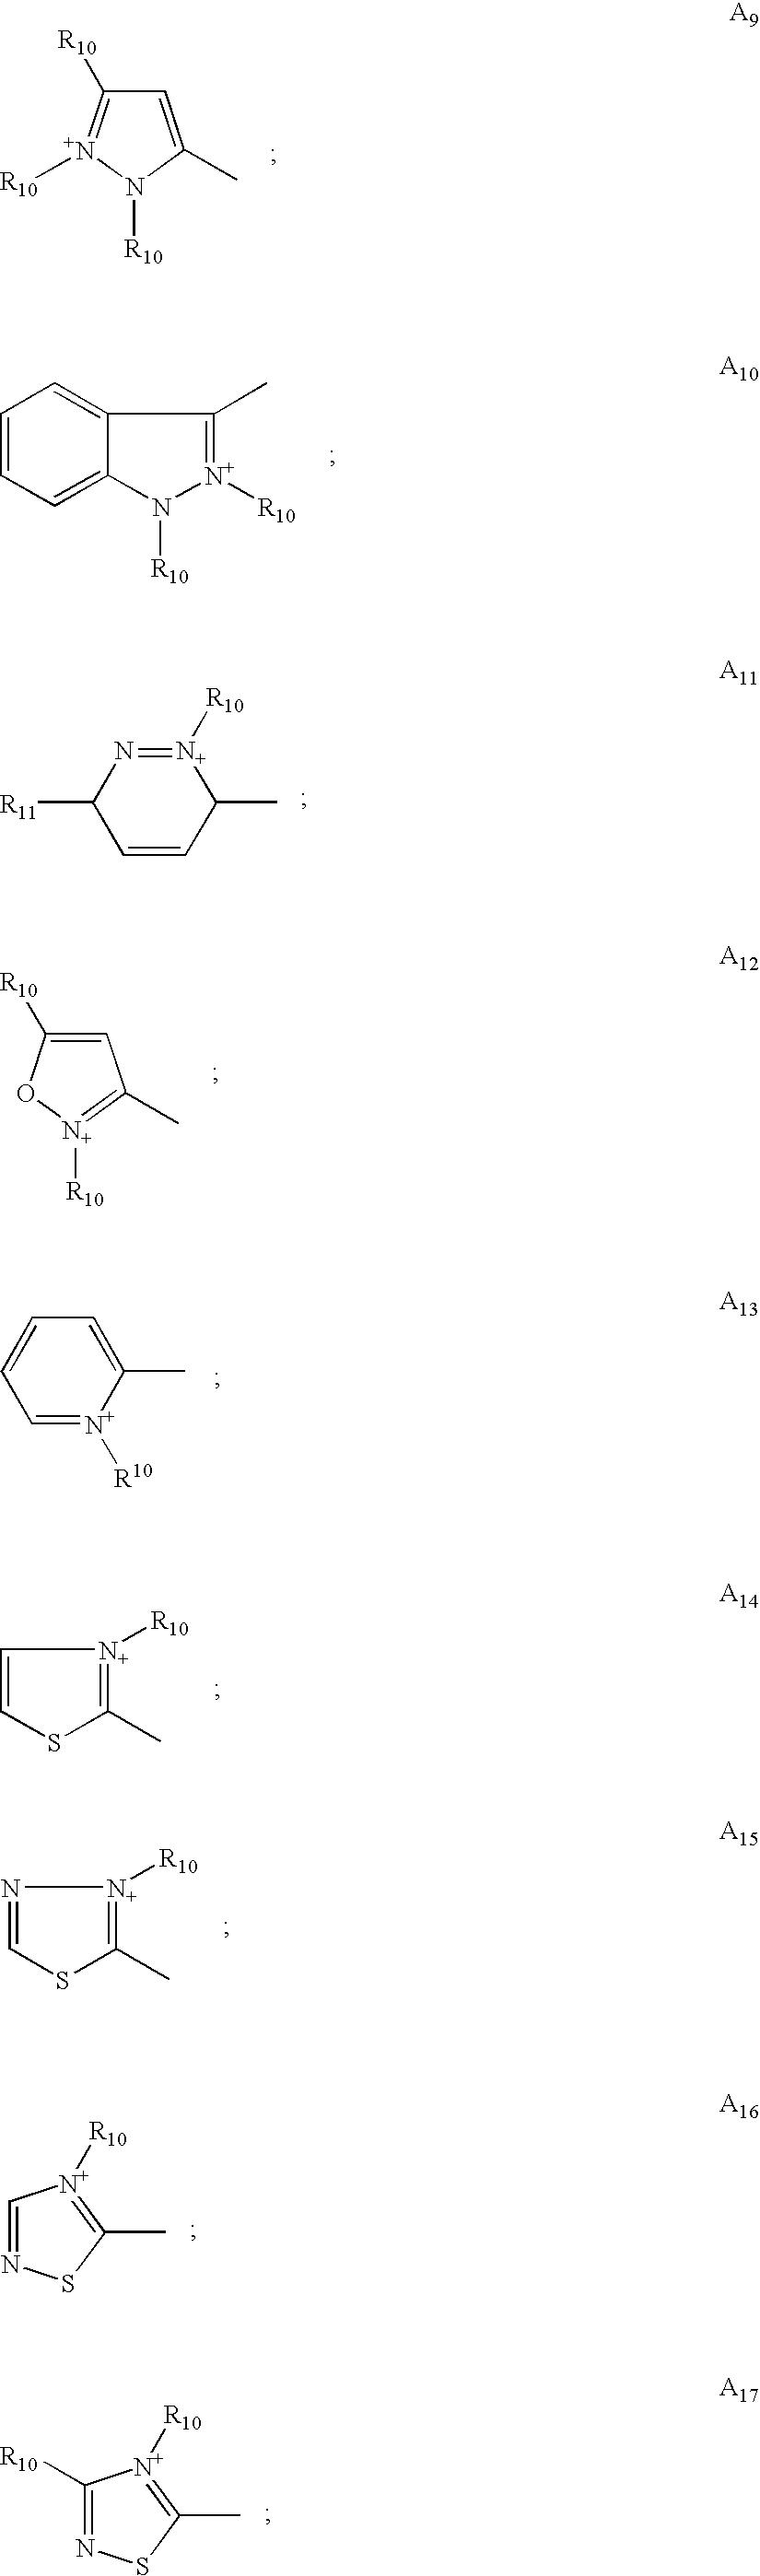 Figure US20040181883A1-20040923-C00045